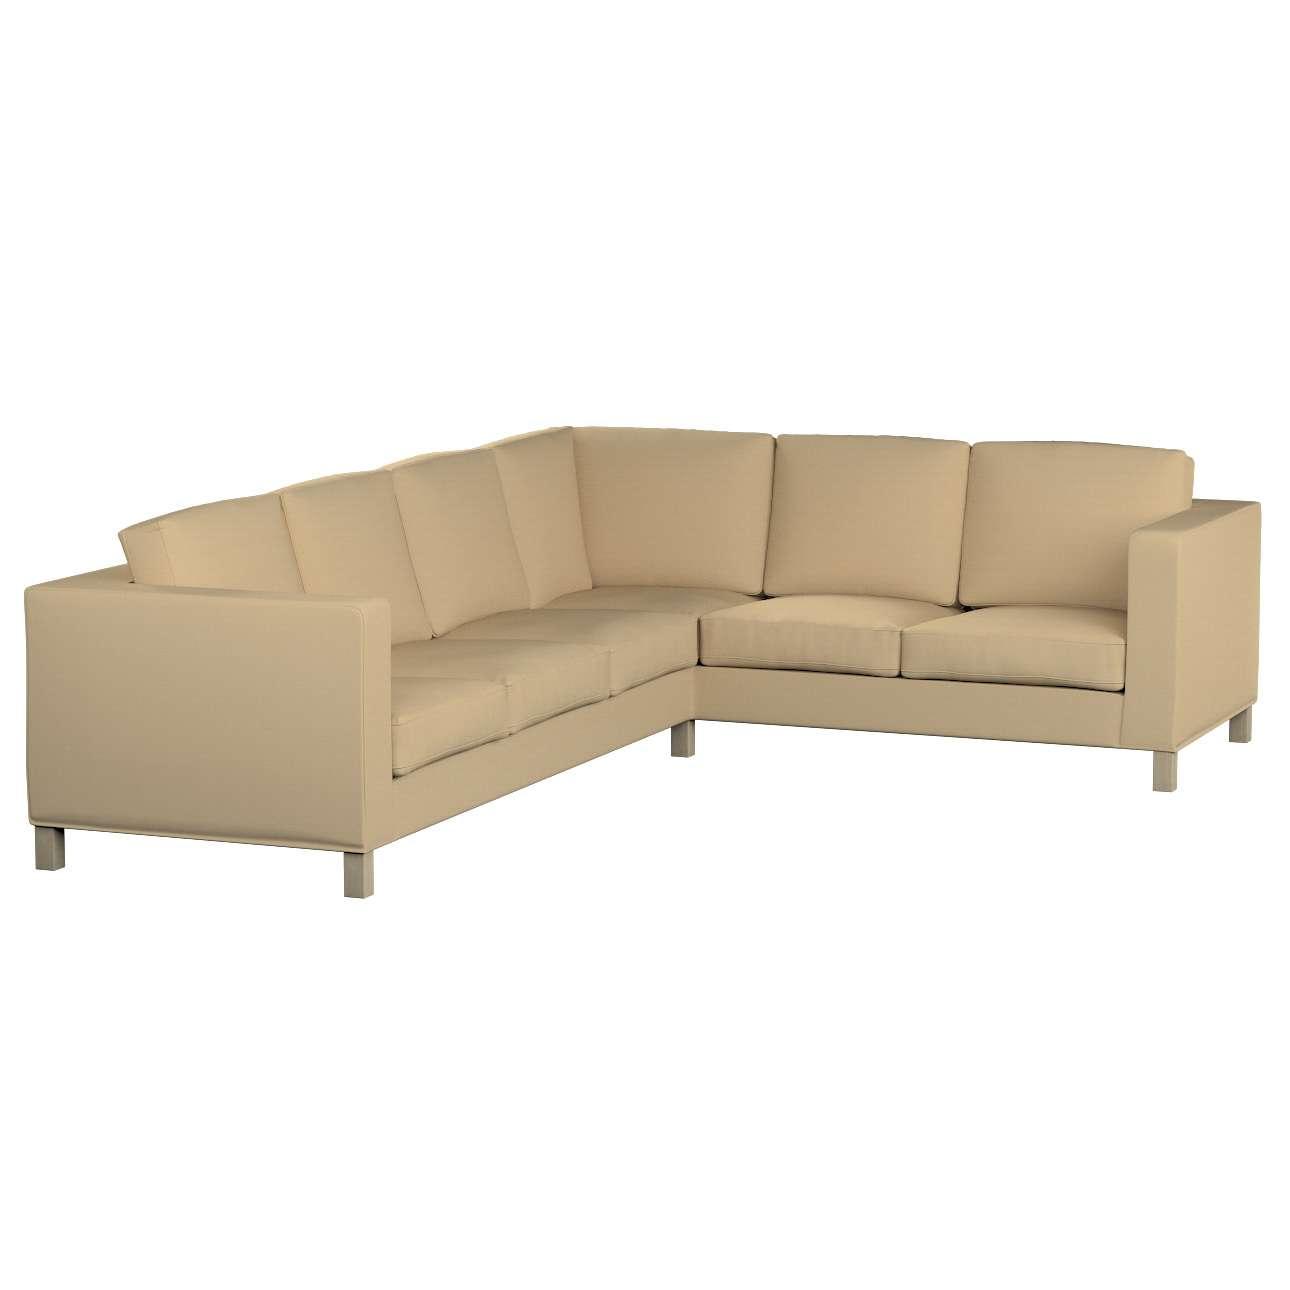 Pokrowiec na sofę narożną lewostronną Karlanda Sofa narożna lewostronna Karlanda w kolekcji Cotton Panama, tkanina: 702-01